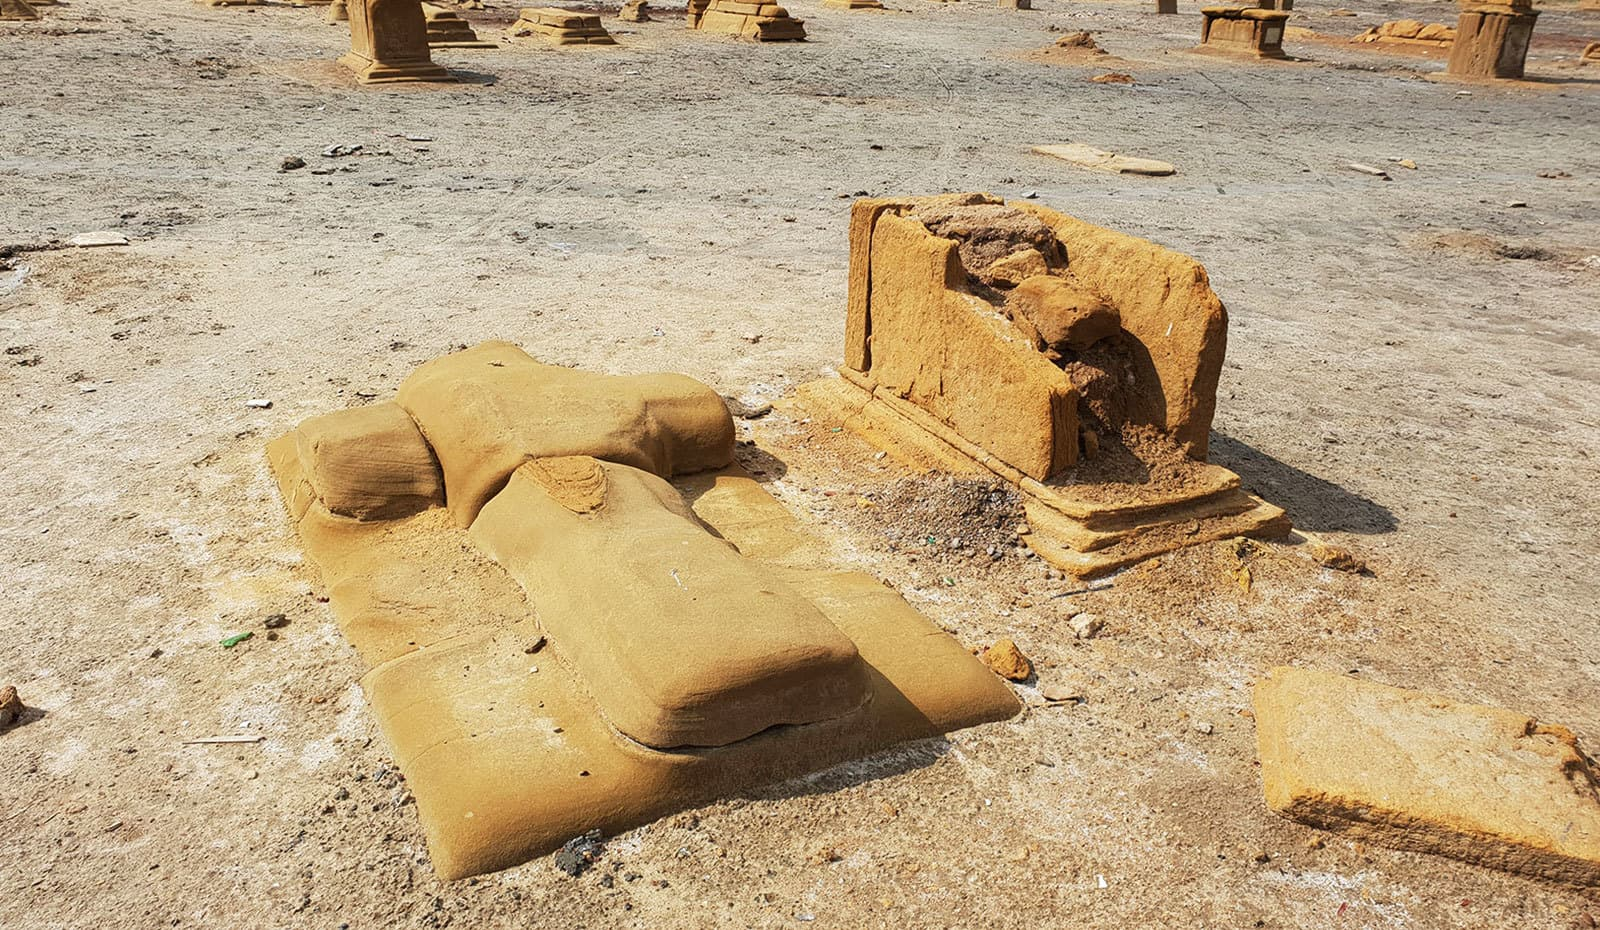 صدیوں پرانی درجنوں قبریں خستہ حالت میں موجود ہیں—تصاویر: وقار محمد خان